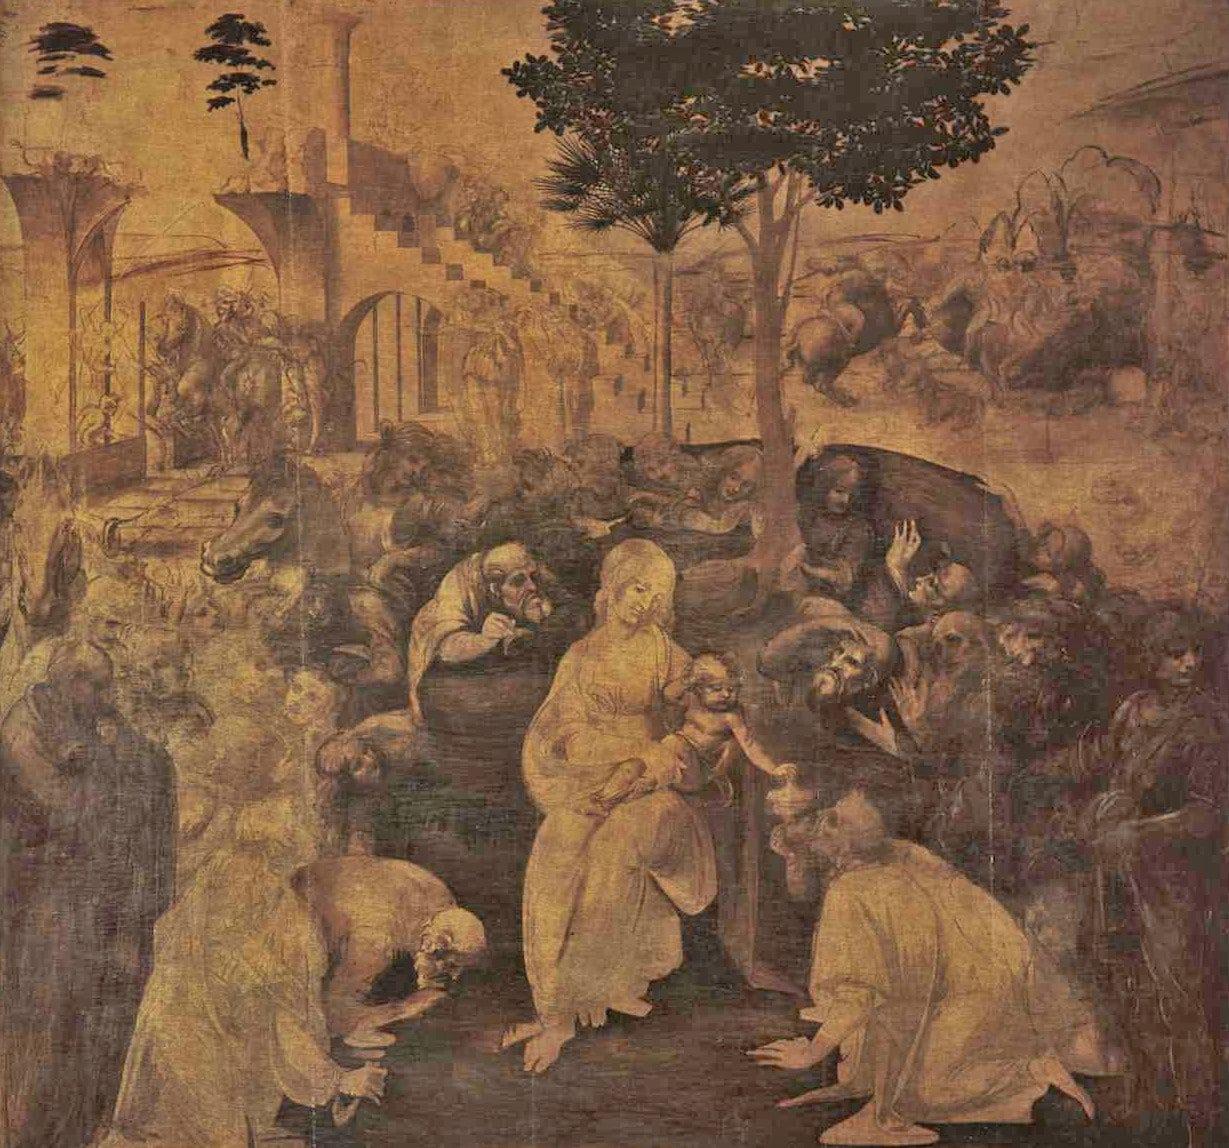 Adoration of Magi (Akil Adamların Hayranlığı) - Leonardo da Vinci - Uffizi Galerisi Bileti ve Rehberi